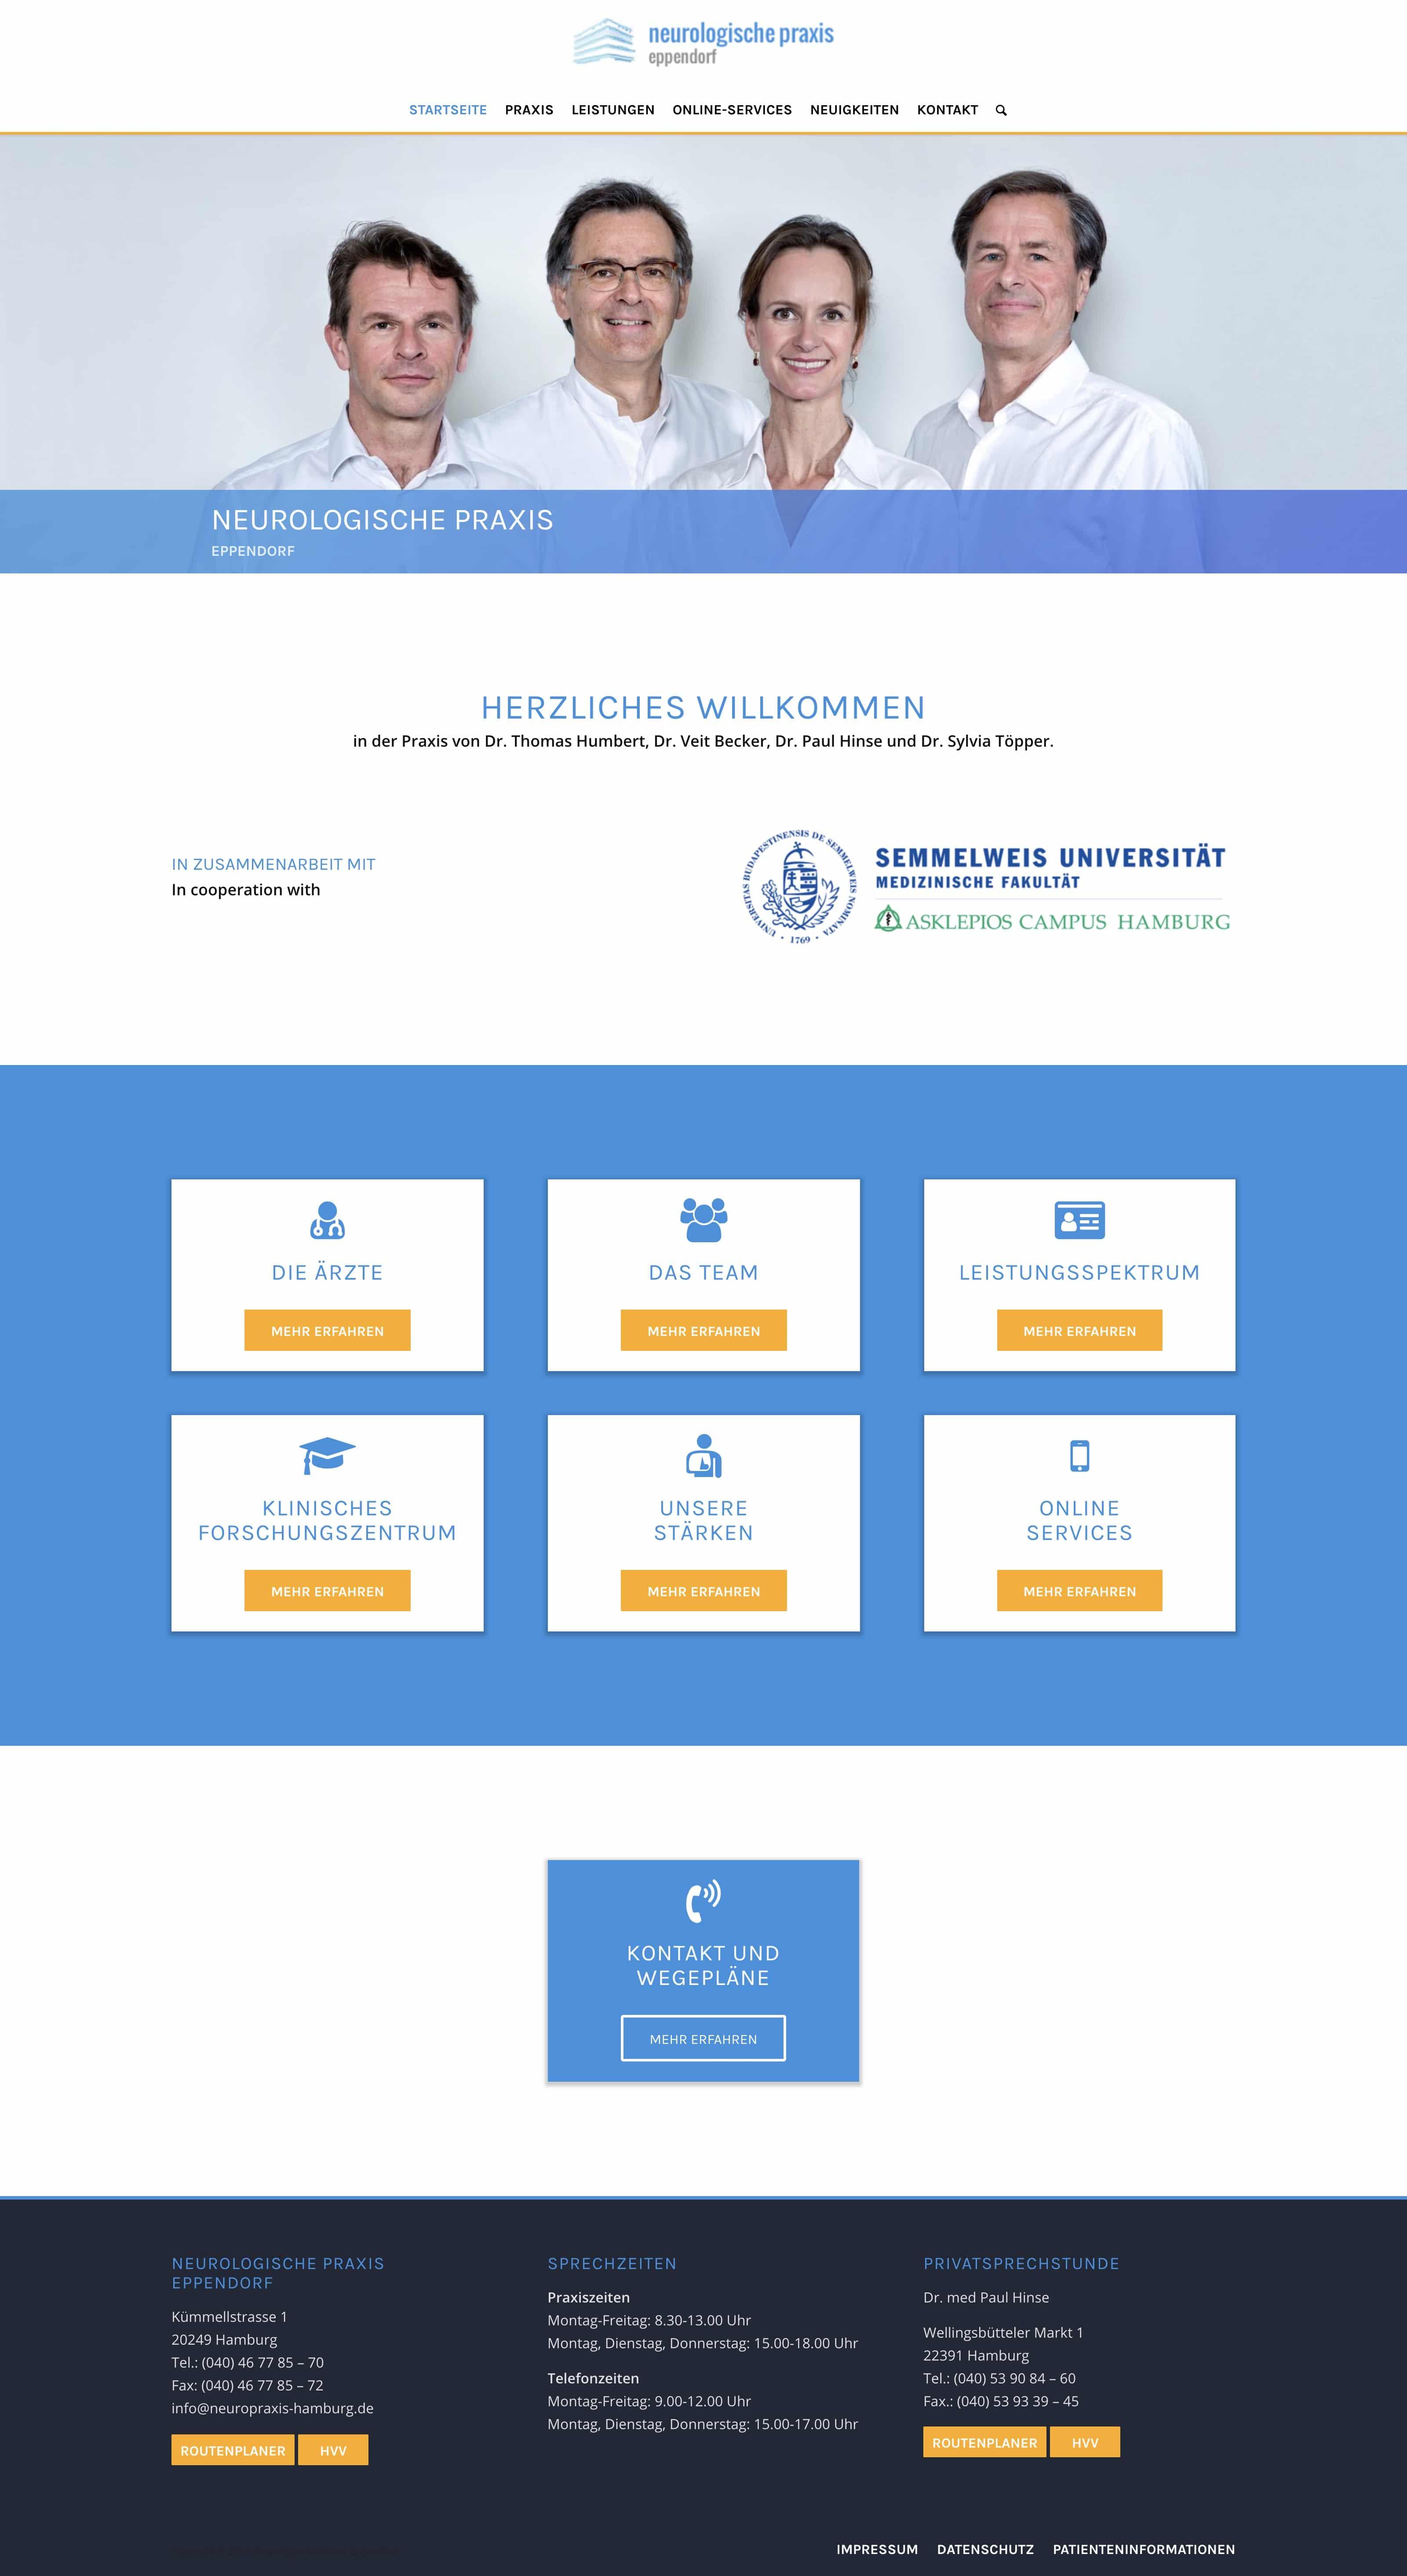 Neurologische Praxis Website